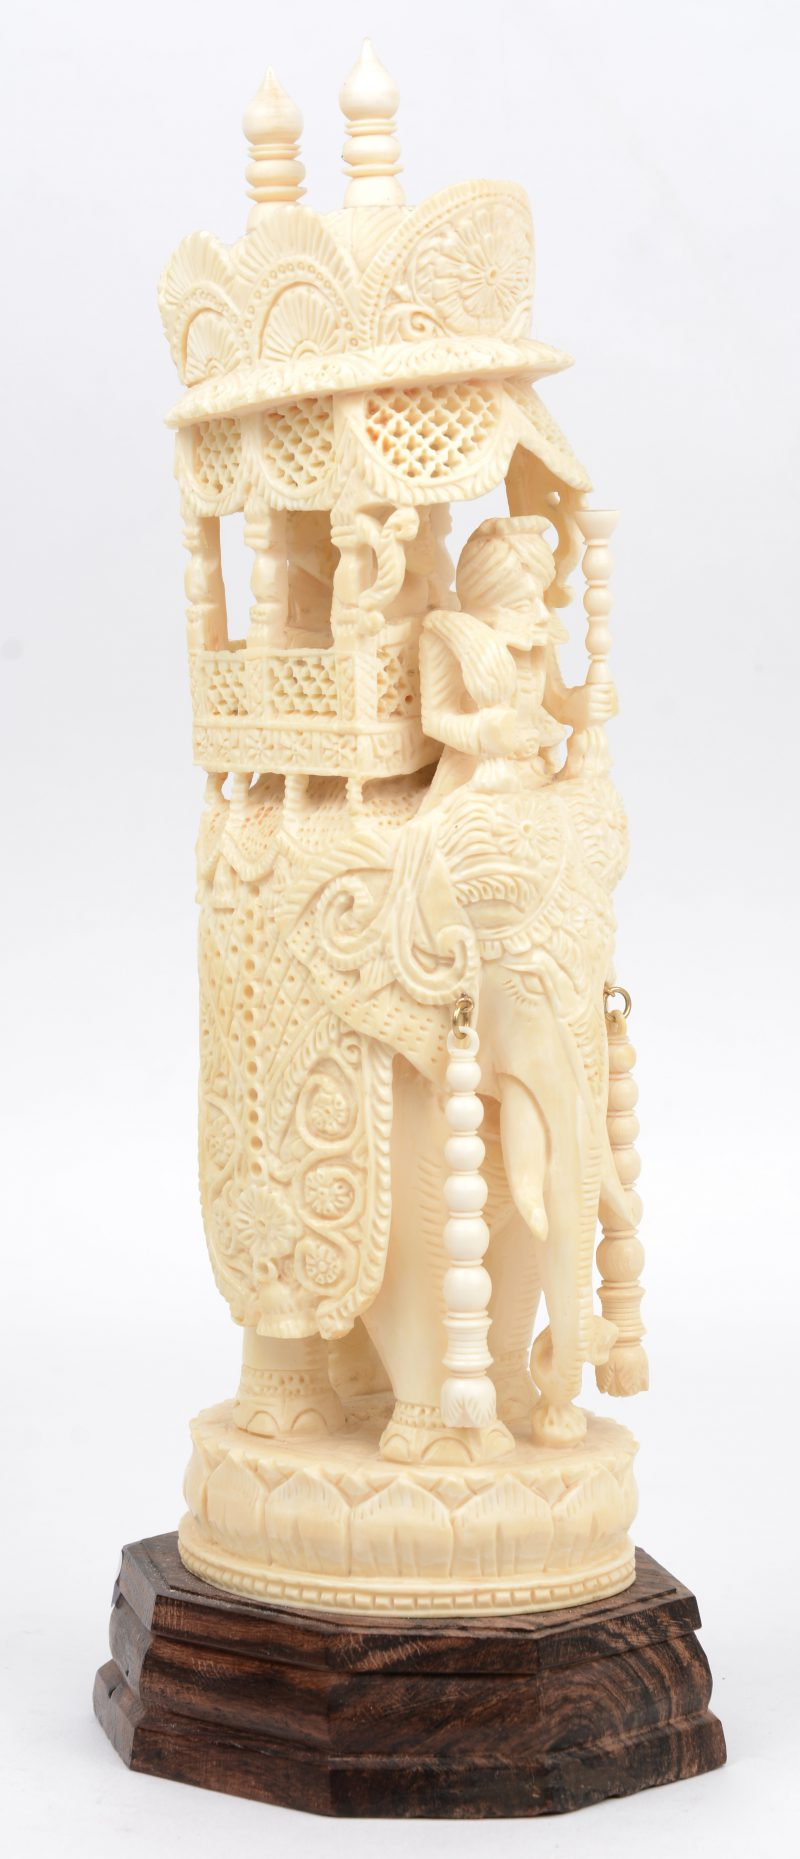 Een rijkelijk uitgewerkte olifant met personages in een opengewerkt rijtuig. Indisch werk. Op houten sokkel.